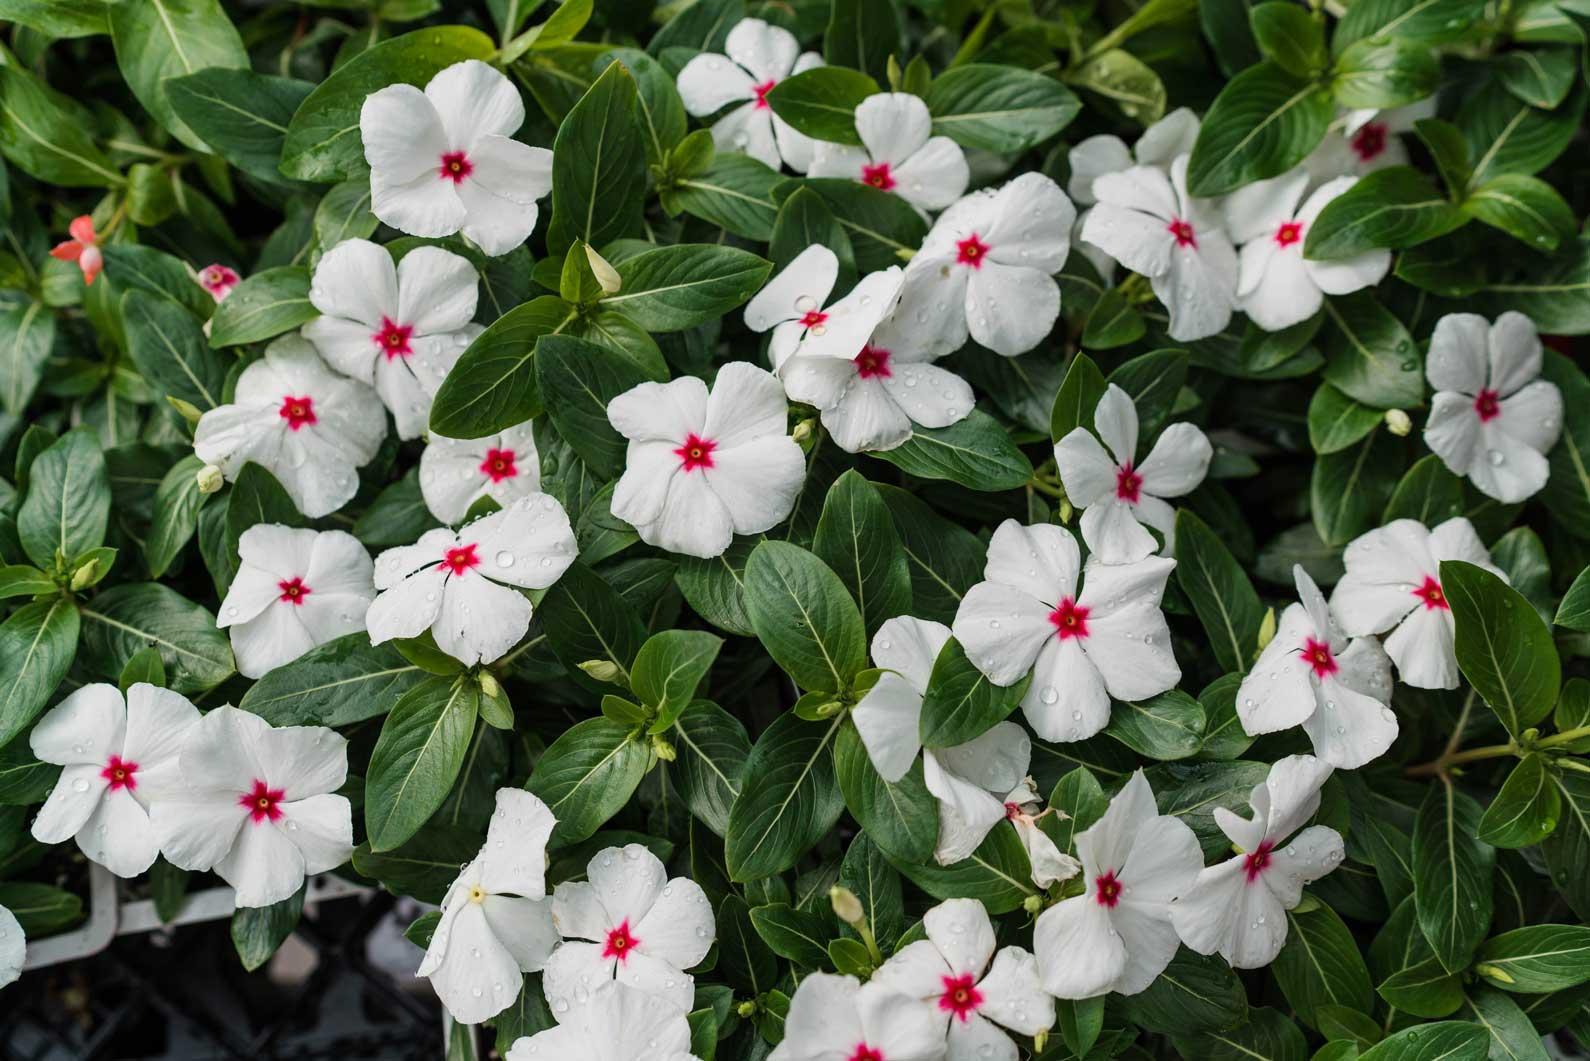 denver-colorado-annuals-garden-center